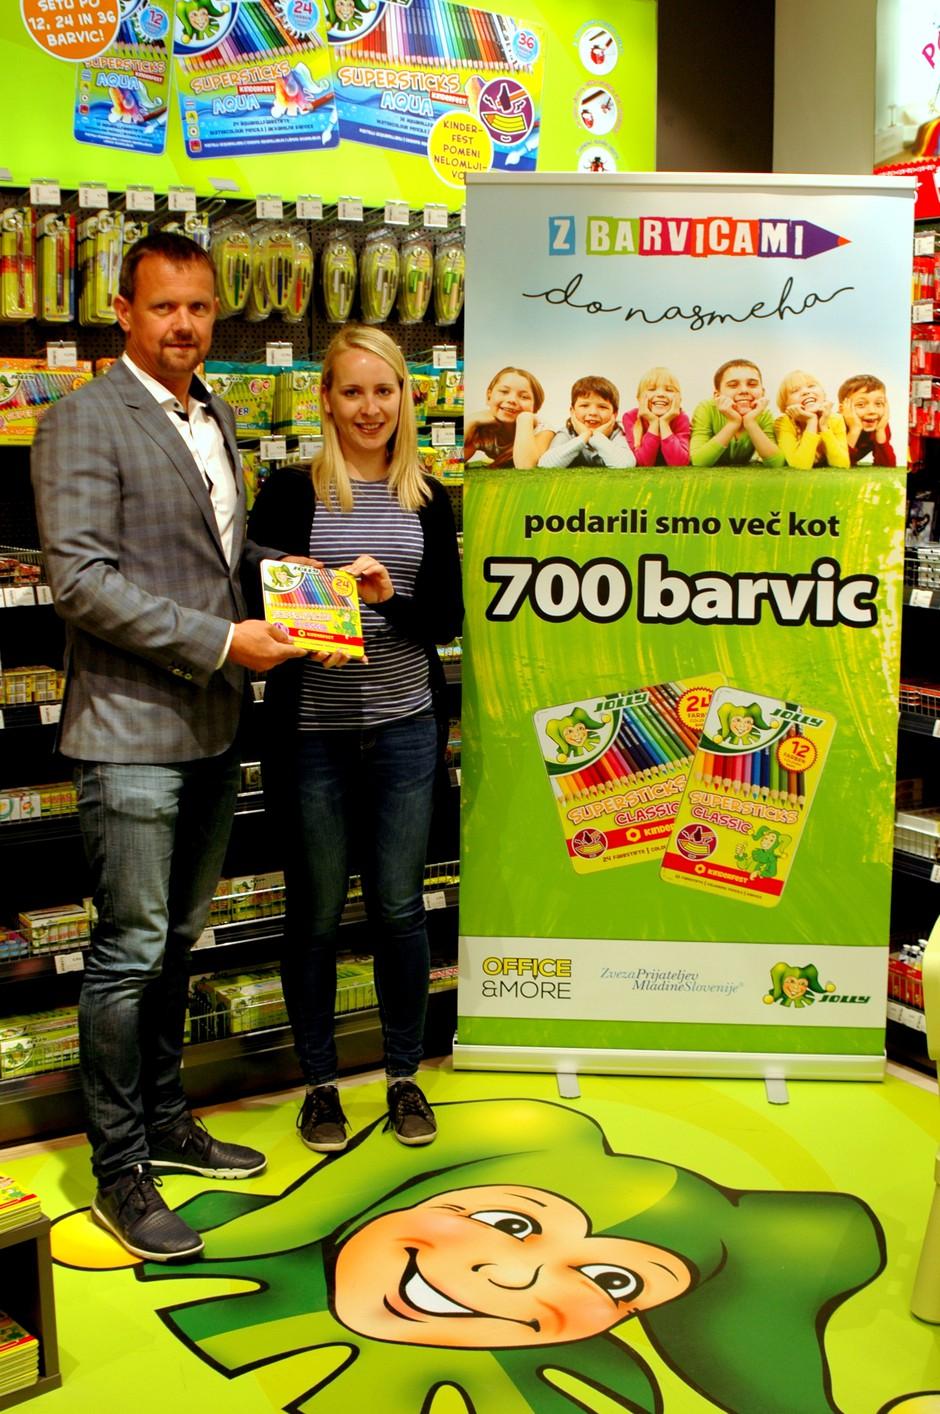 Za otroke zbrali več kot 700 setov barvic (foto: Press)